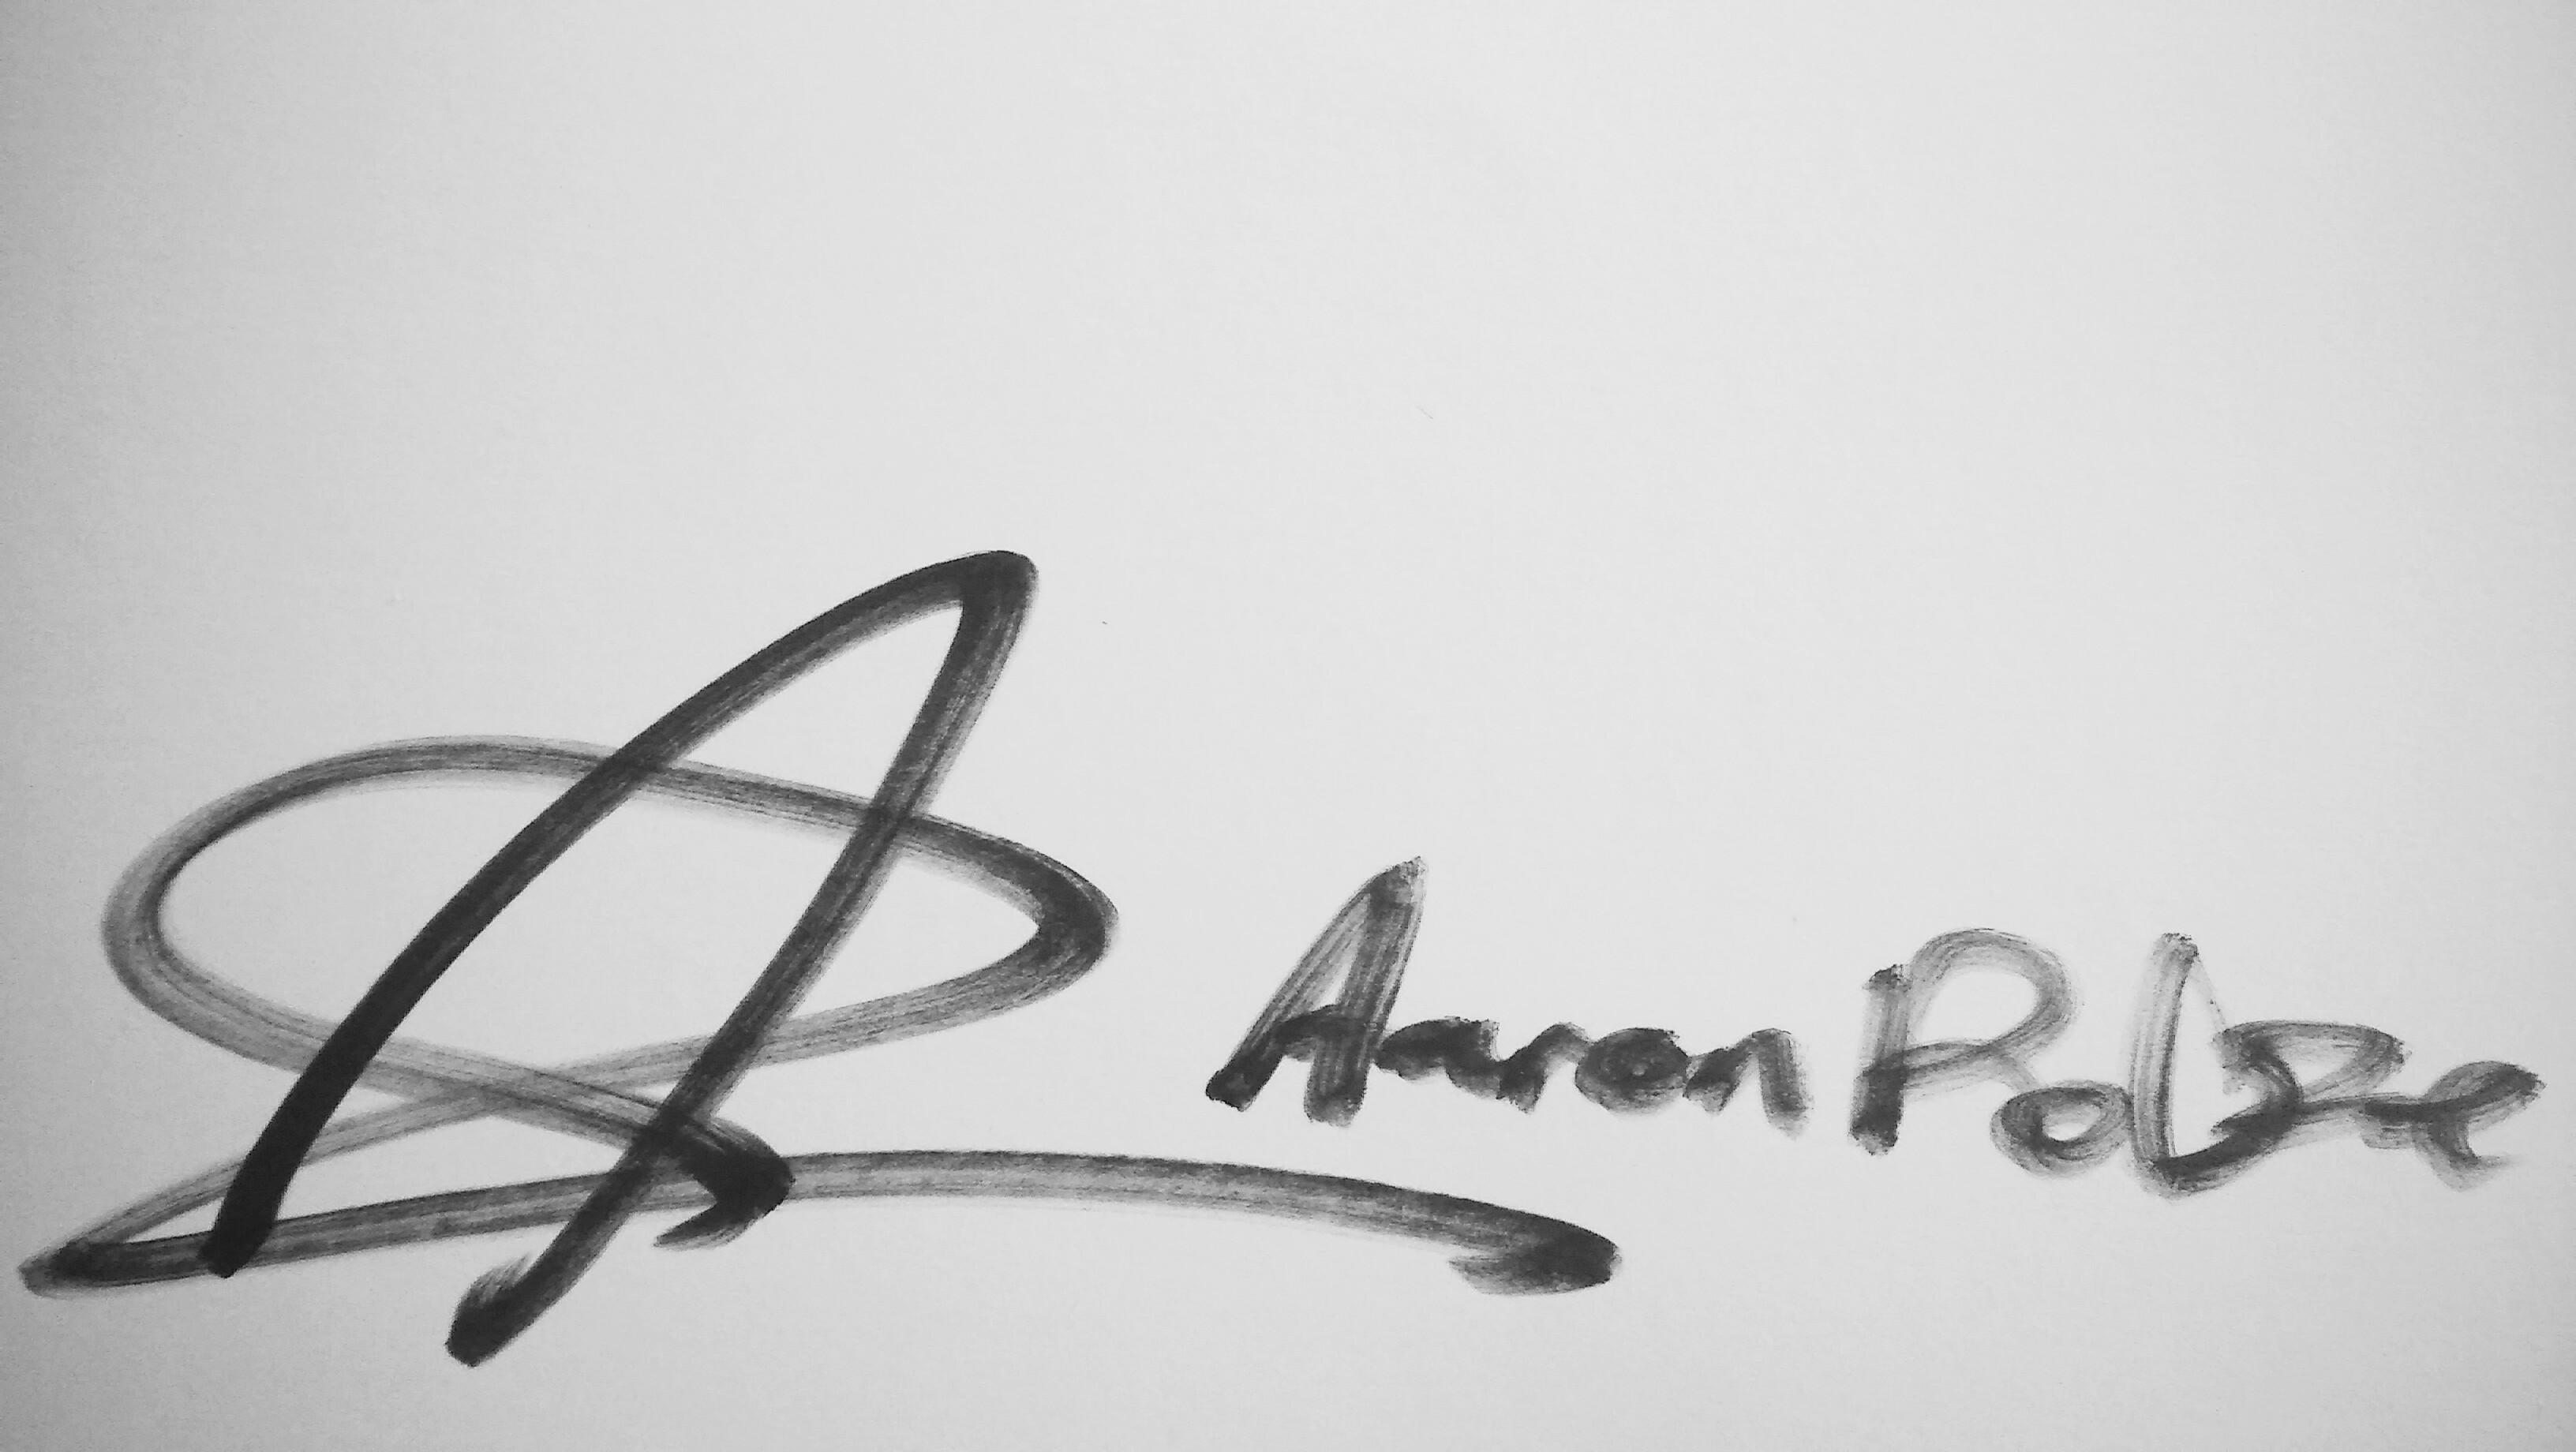 Aaron Rolfe's Signature